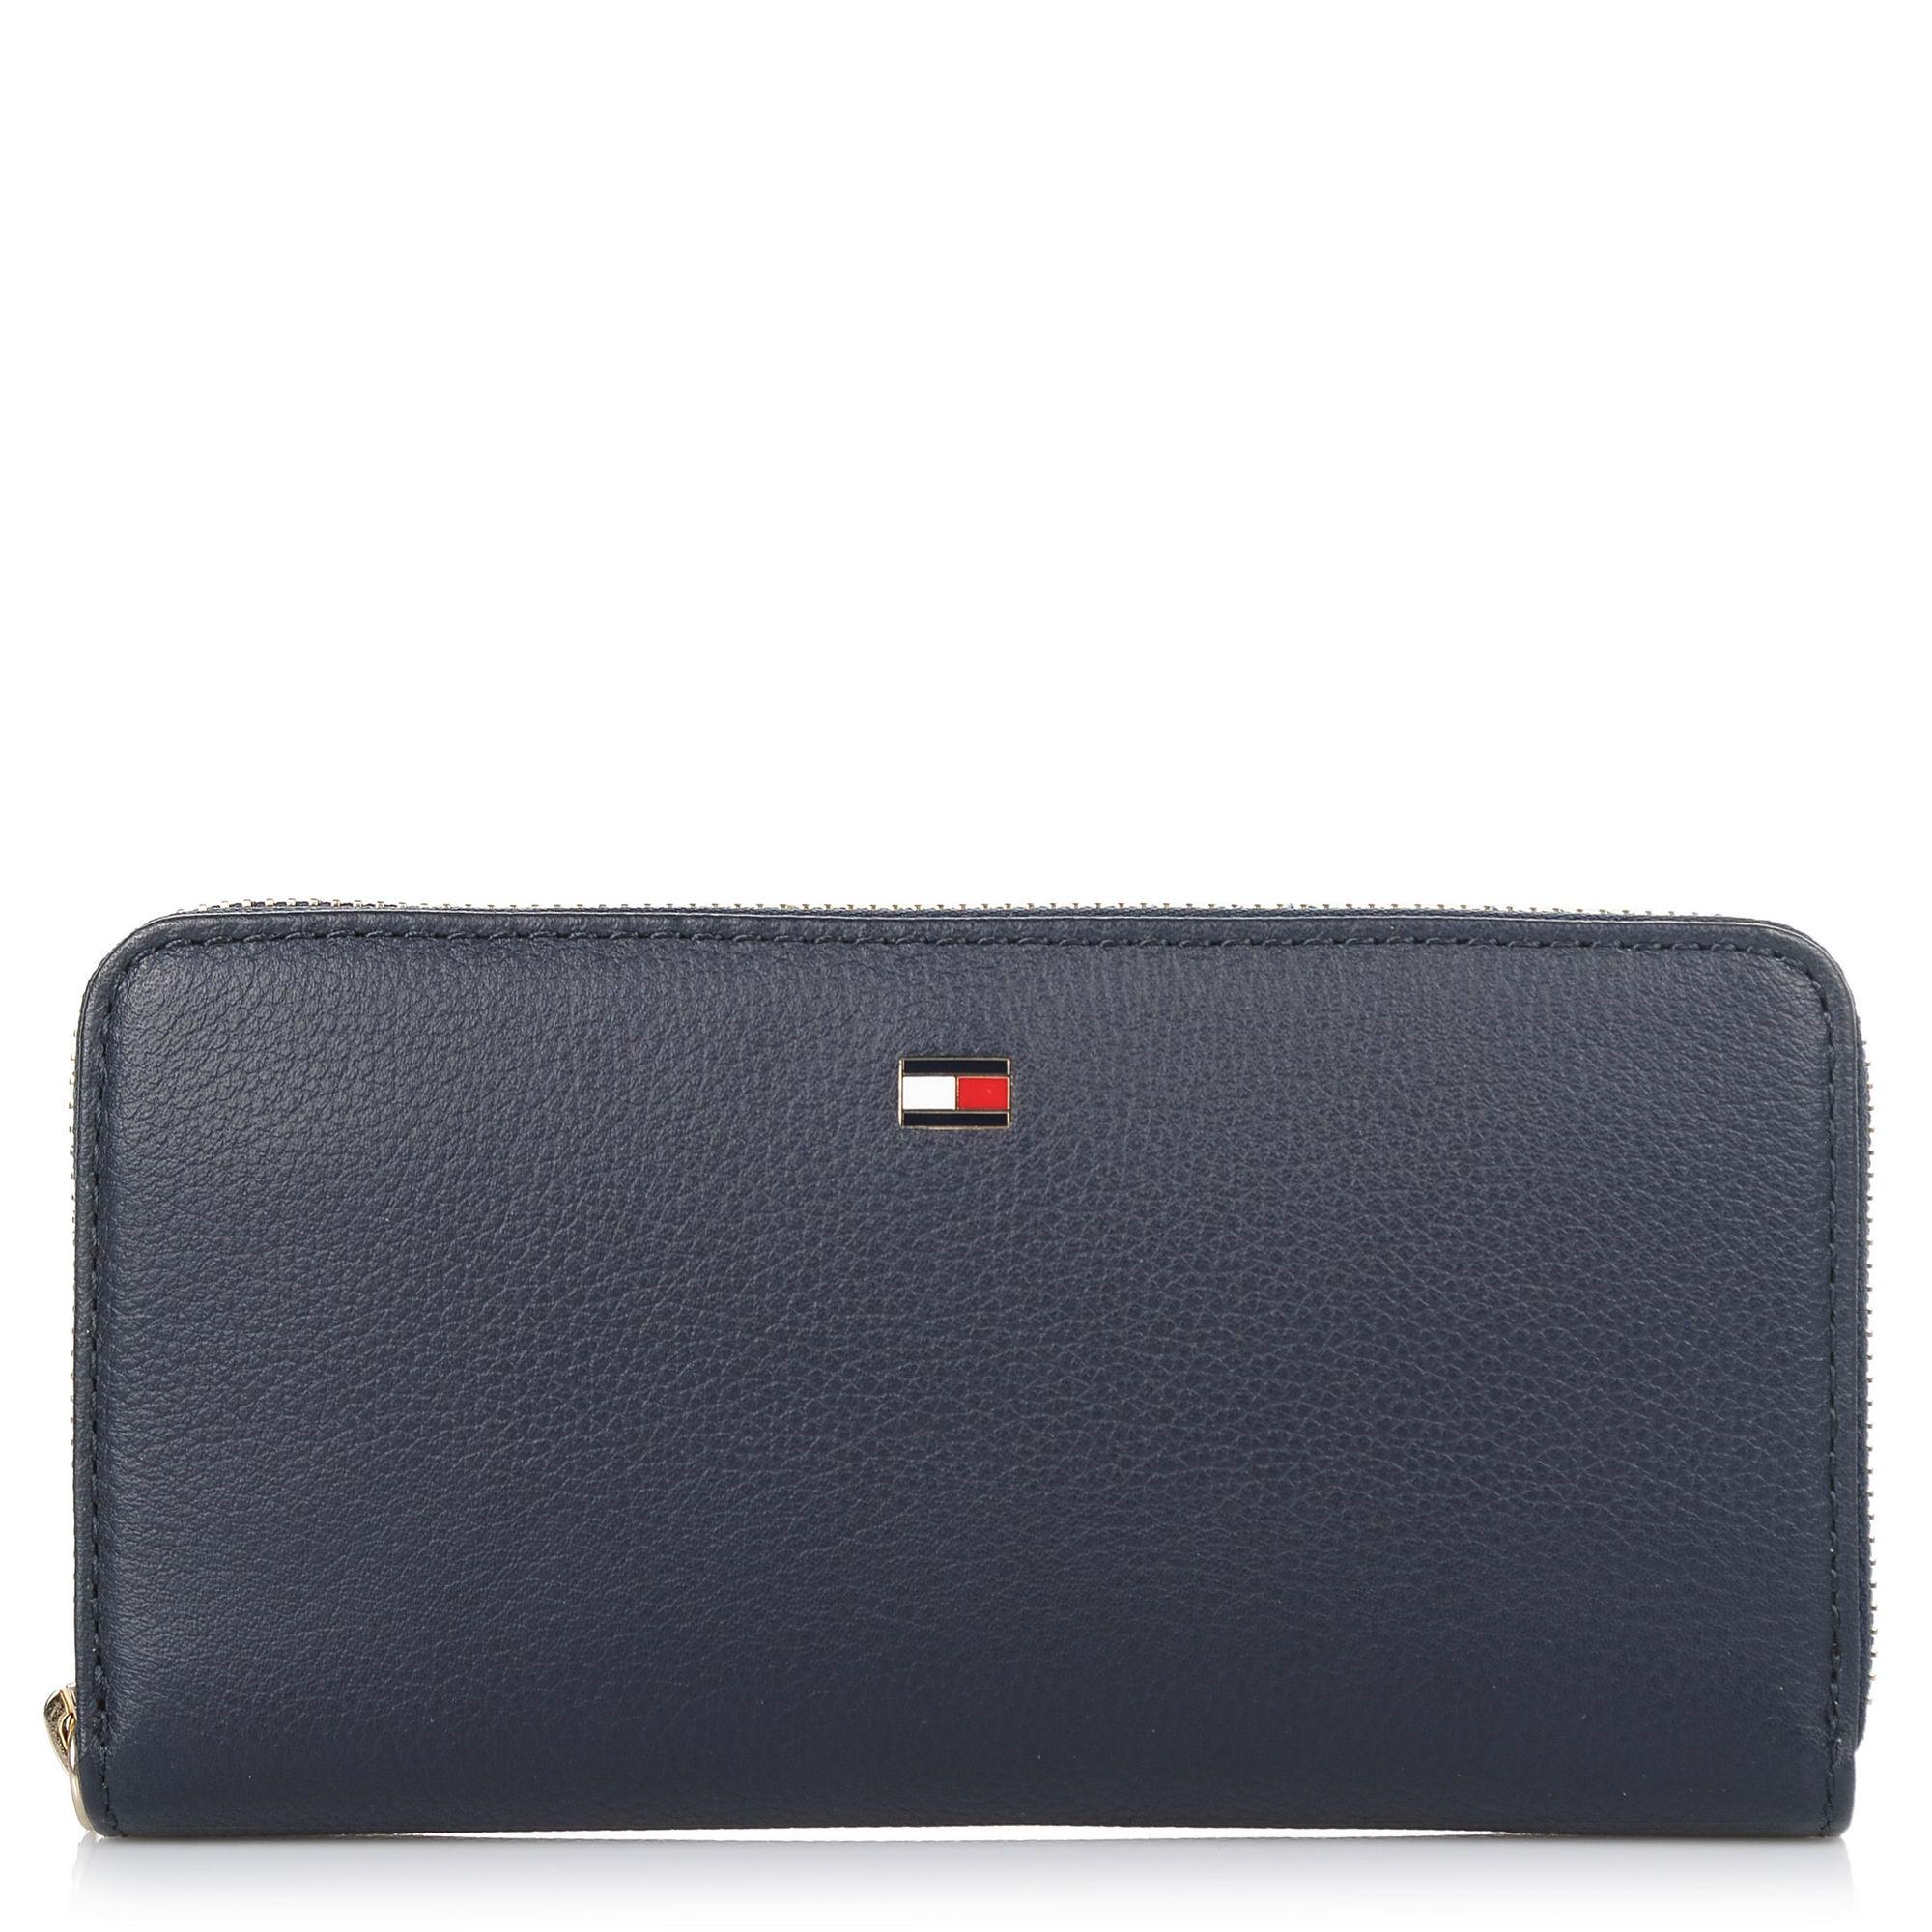 Δερμάτινο Πορτοφόλι Κασετίνα Tommy Hilfiger Basic Leather Large ZA Wallet FW0FW04283